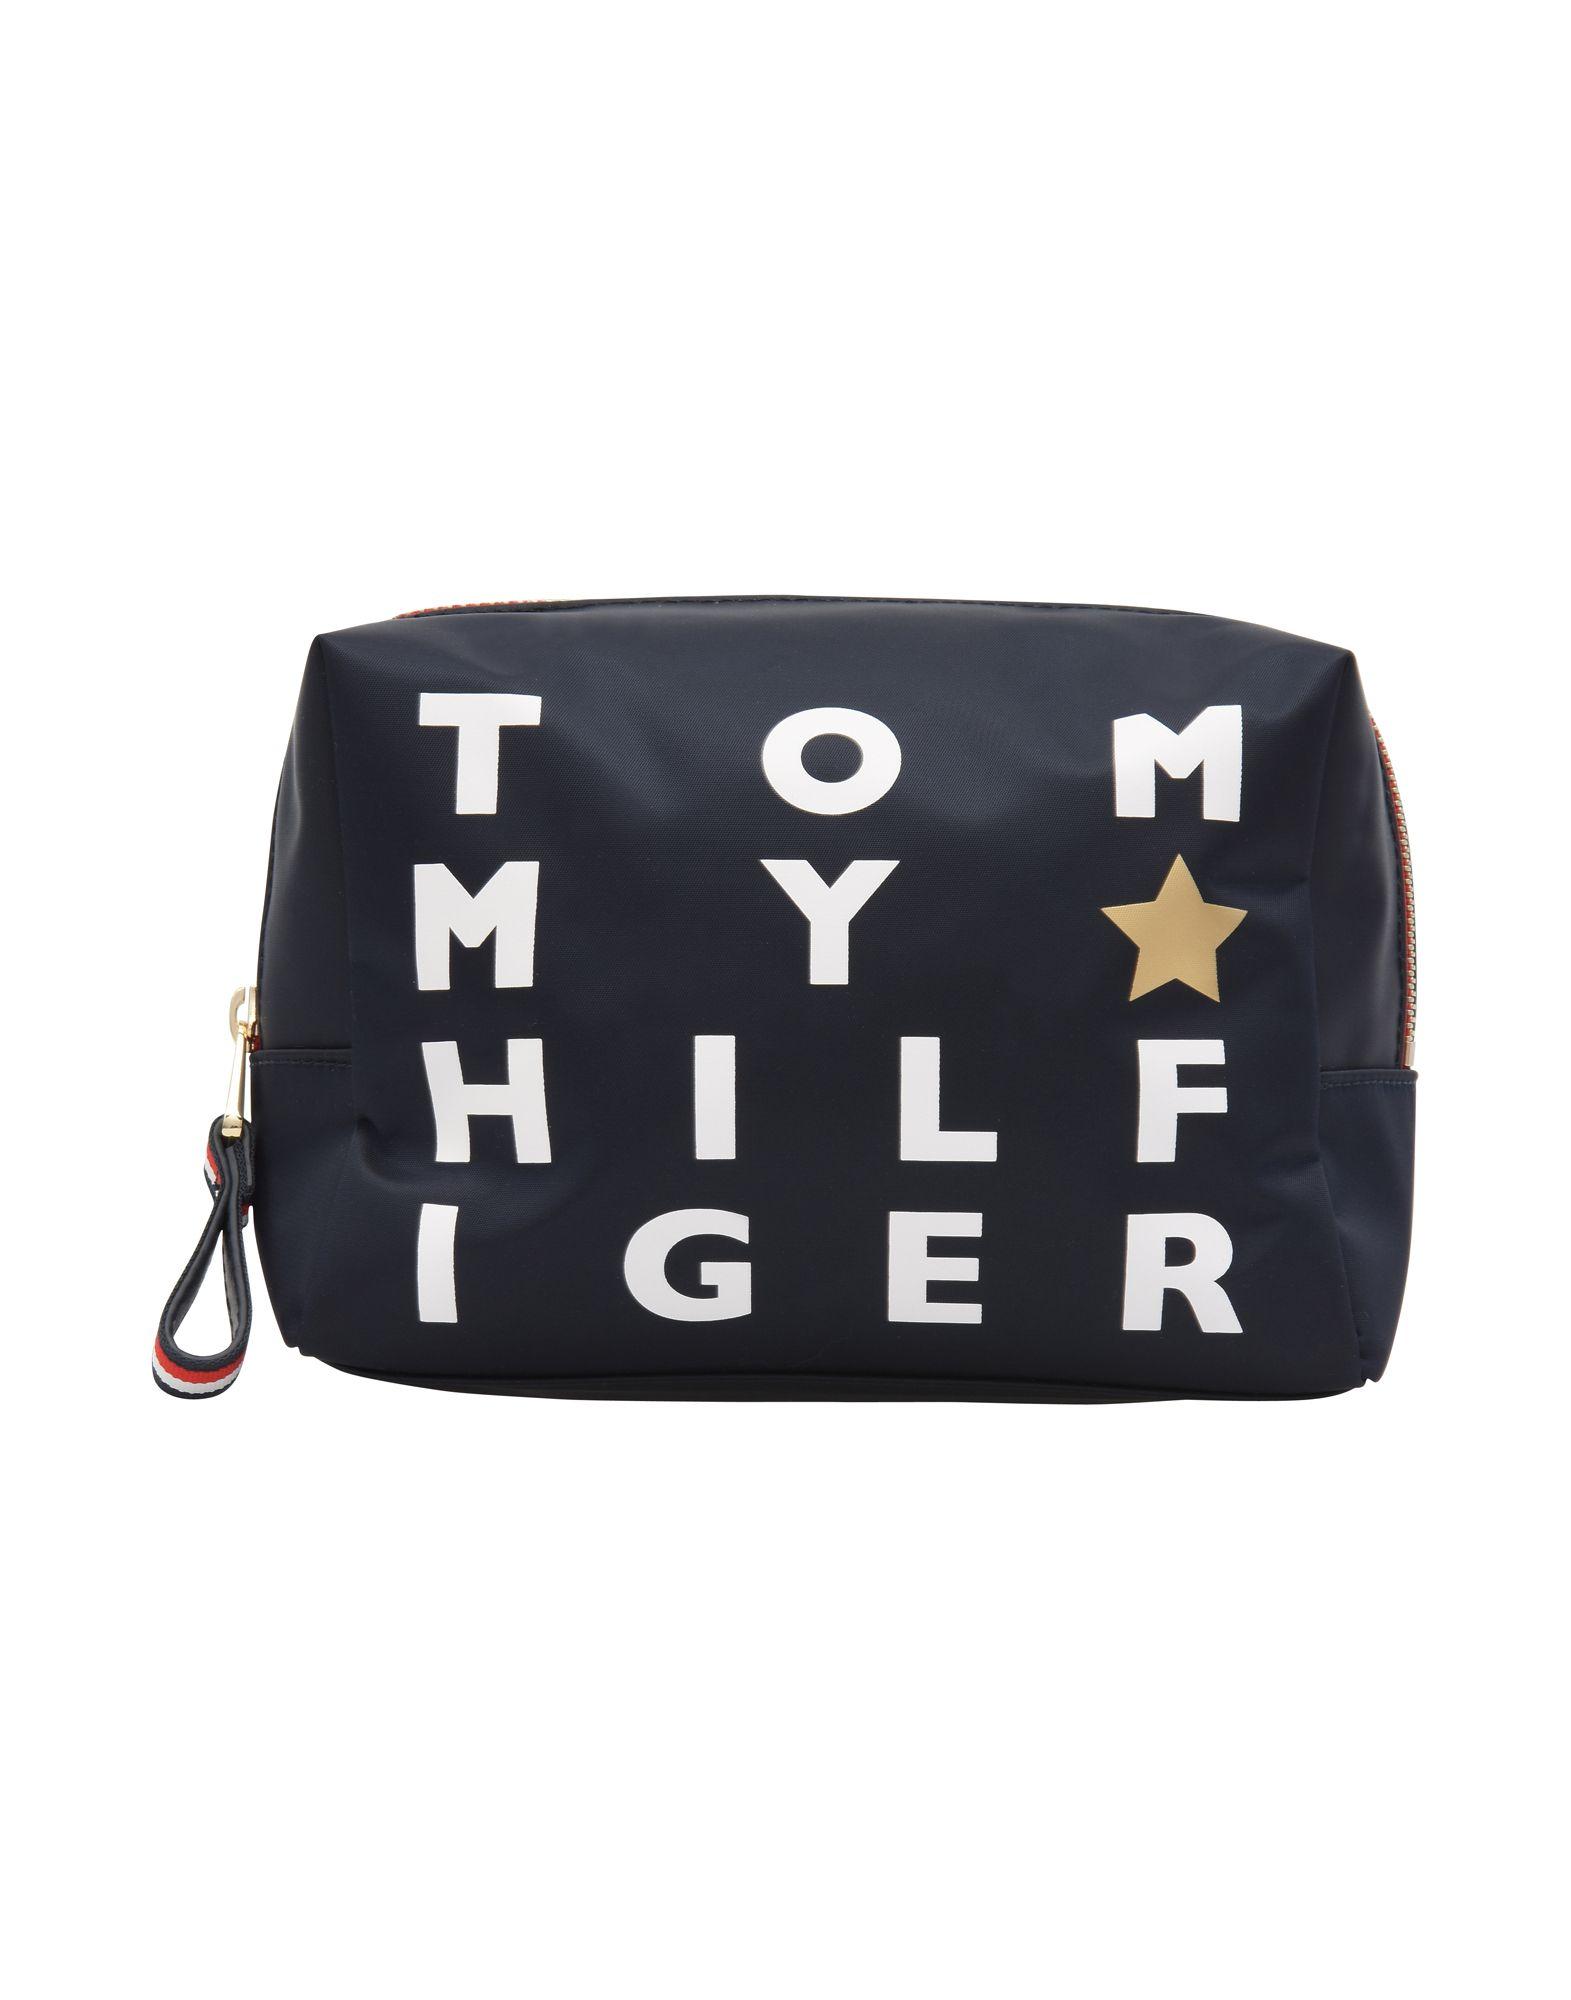 TOMMY HILFIGER Beauty case